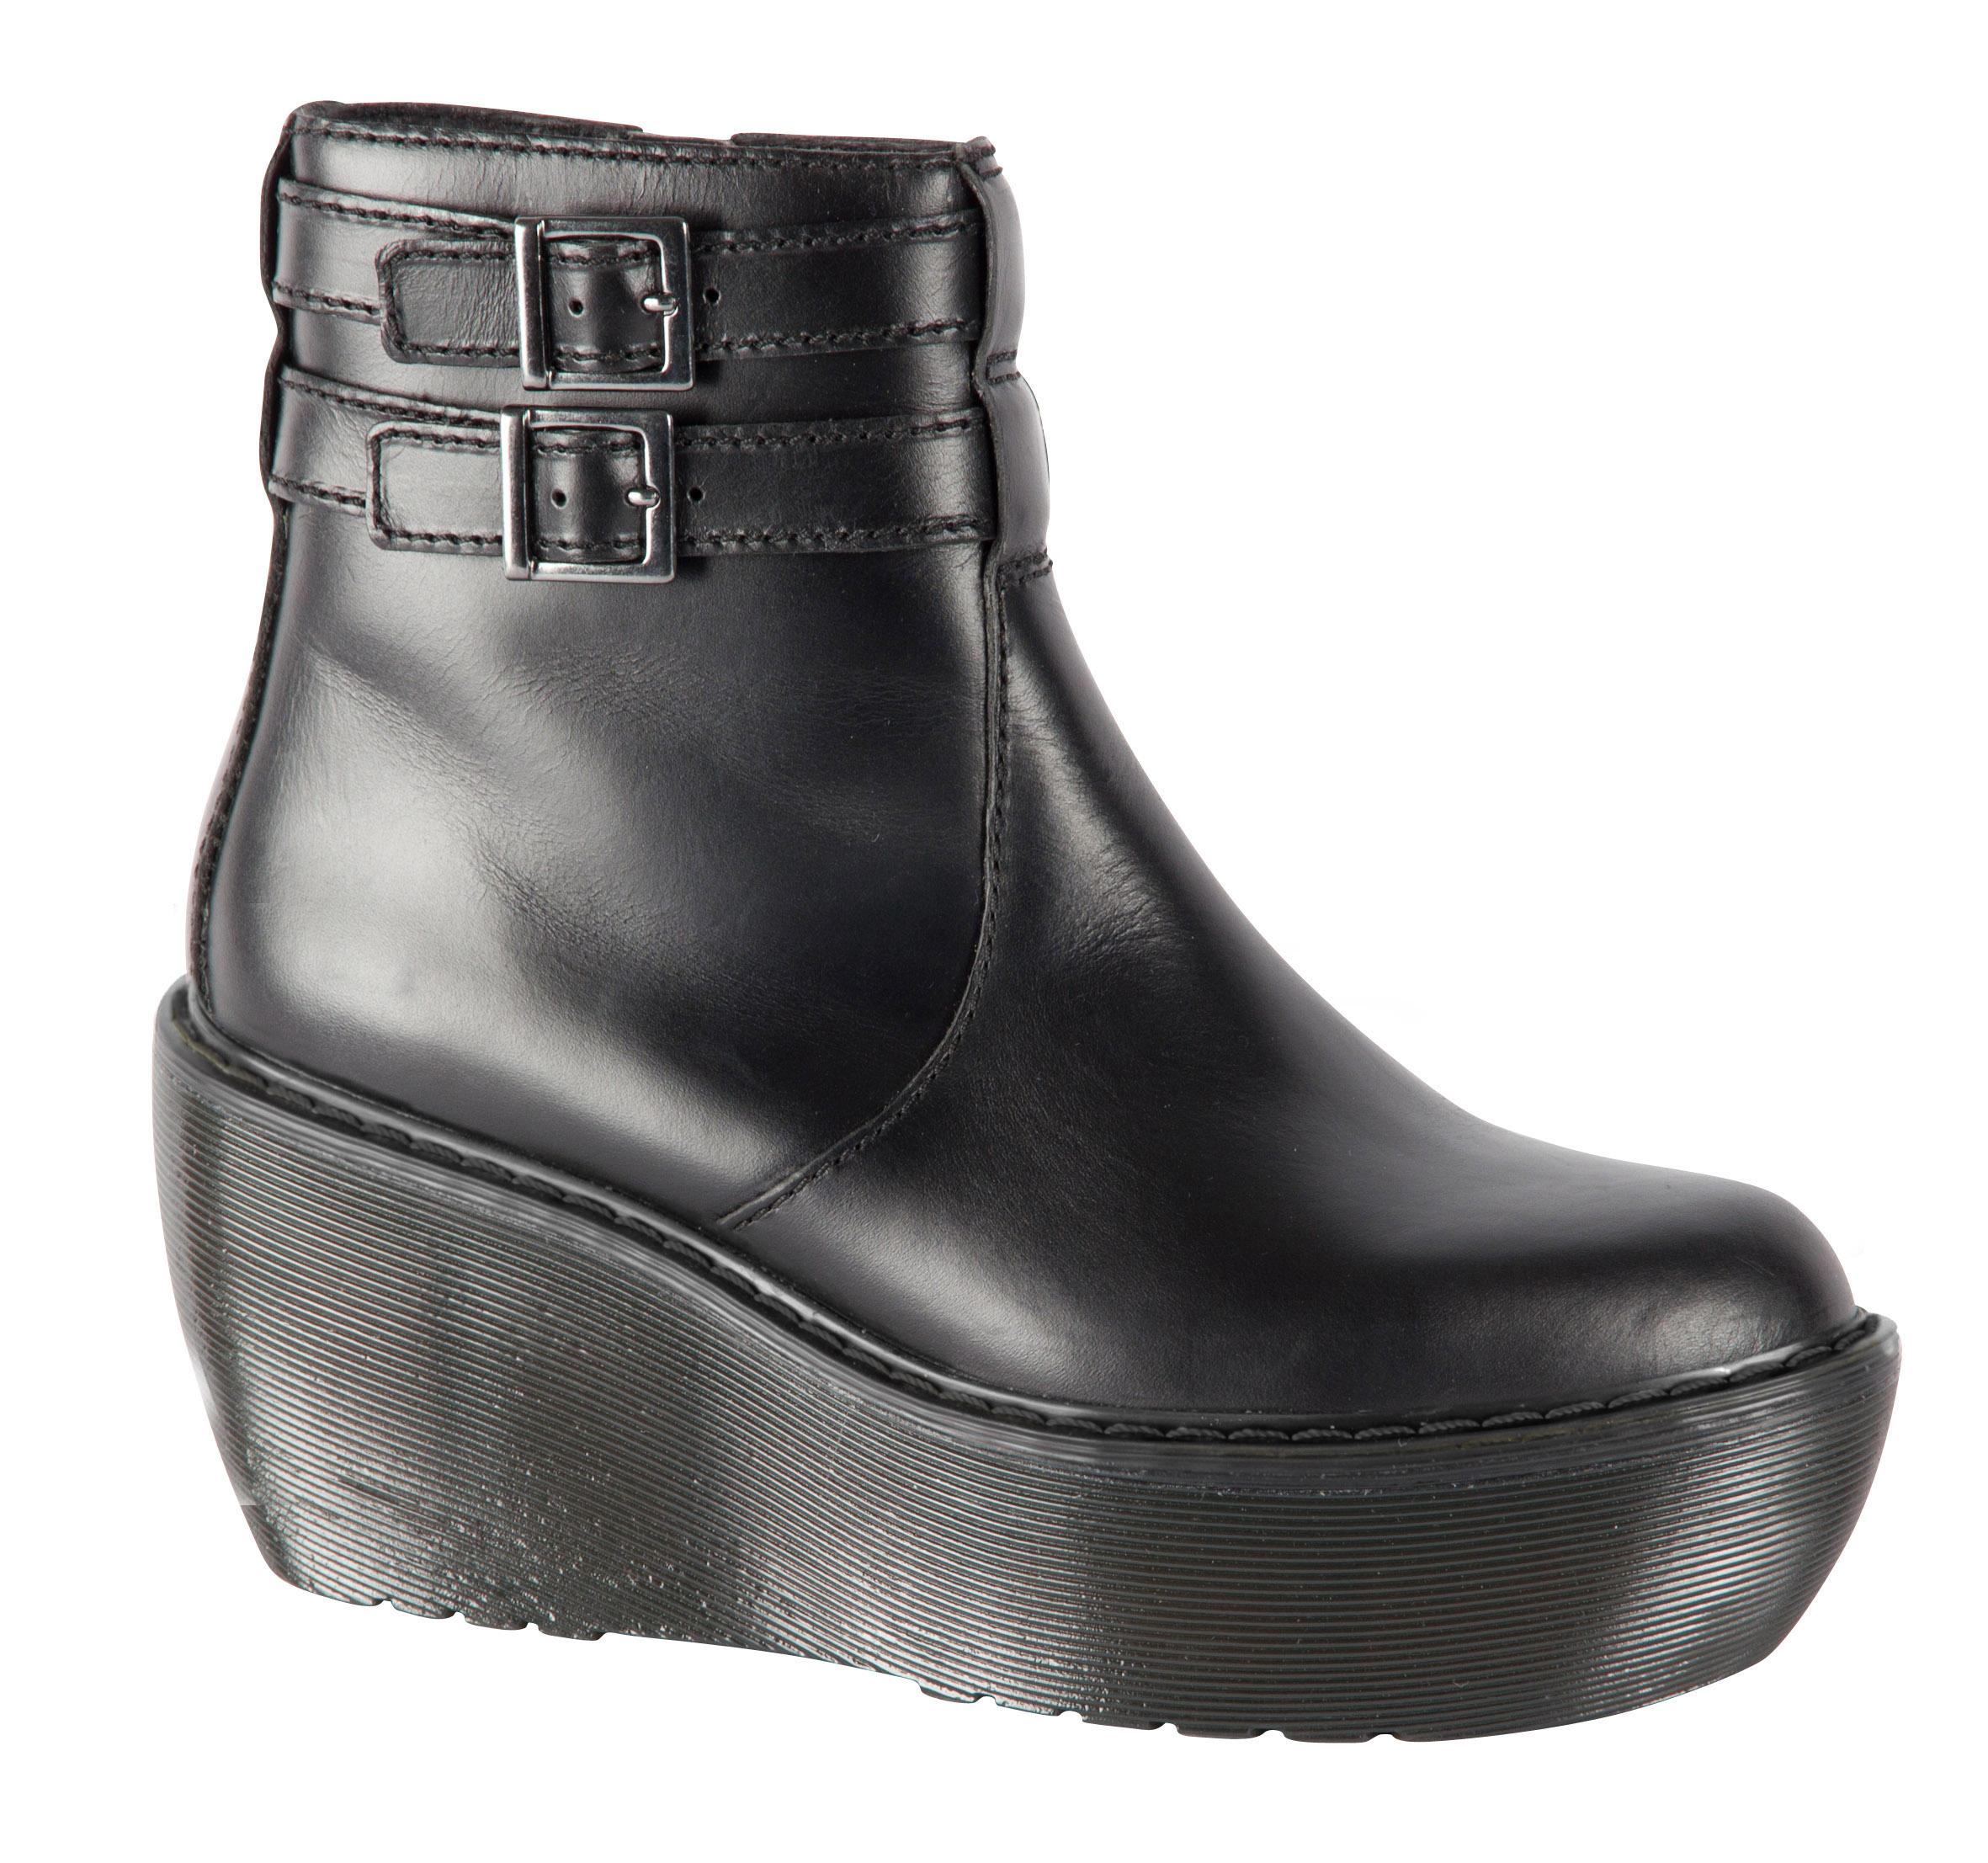 05-01 Caitlin Boot